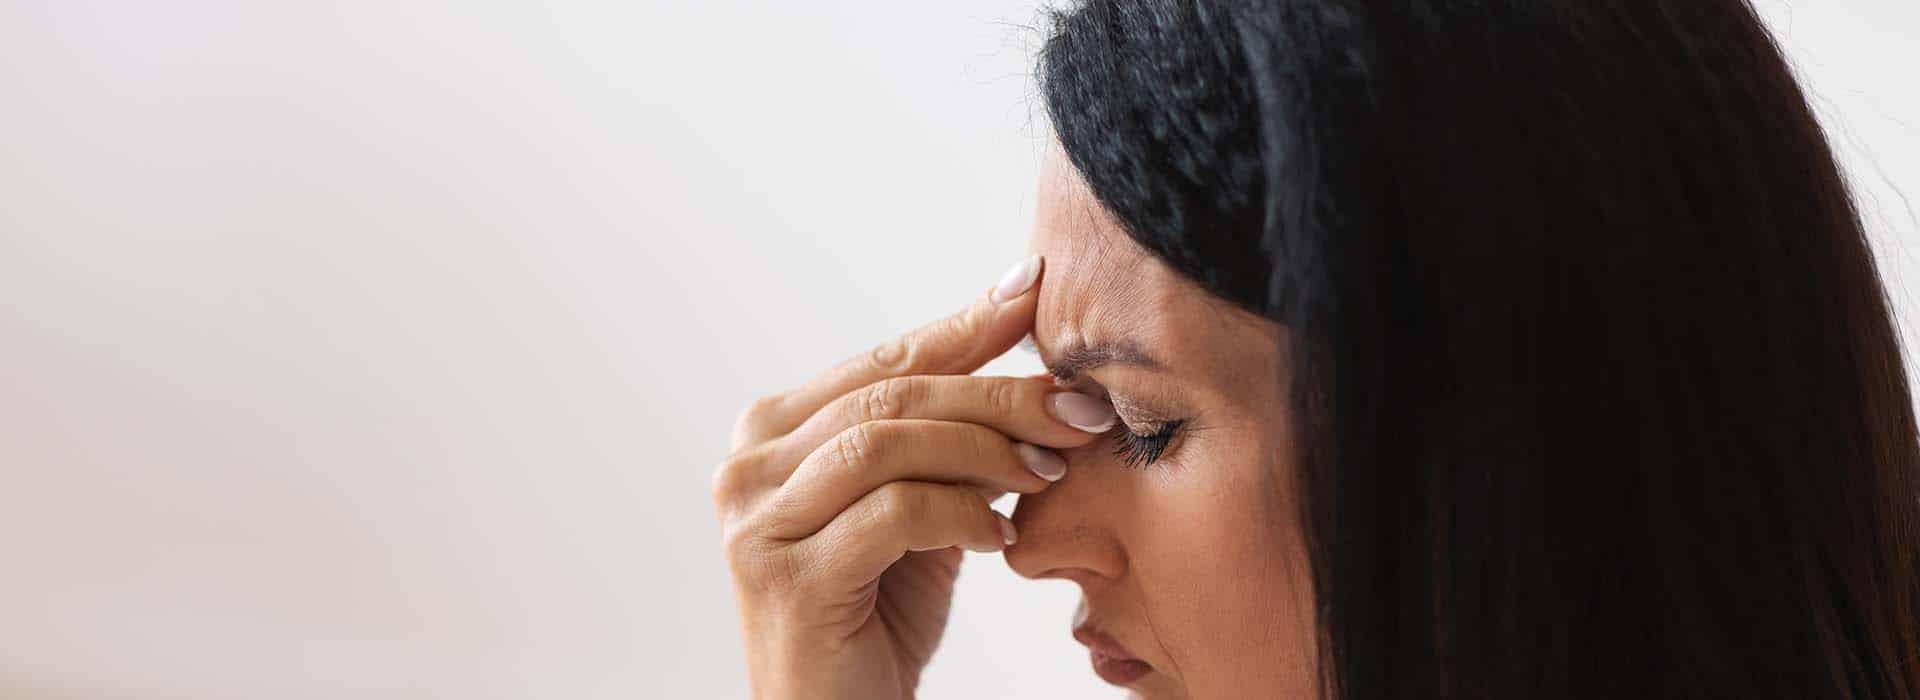 Operación de tabique nasal